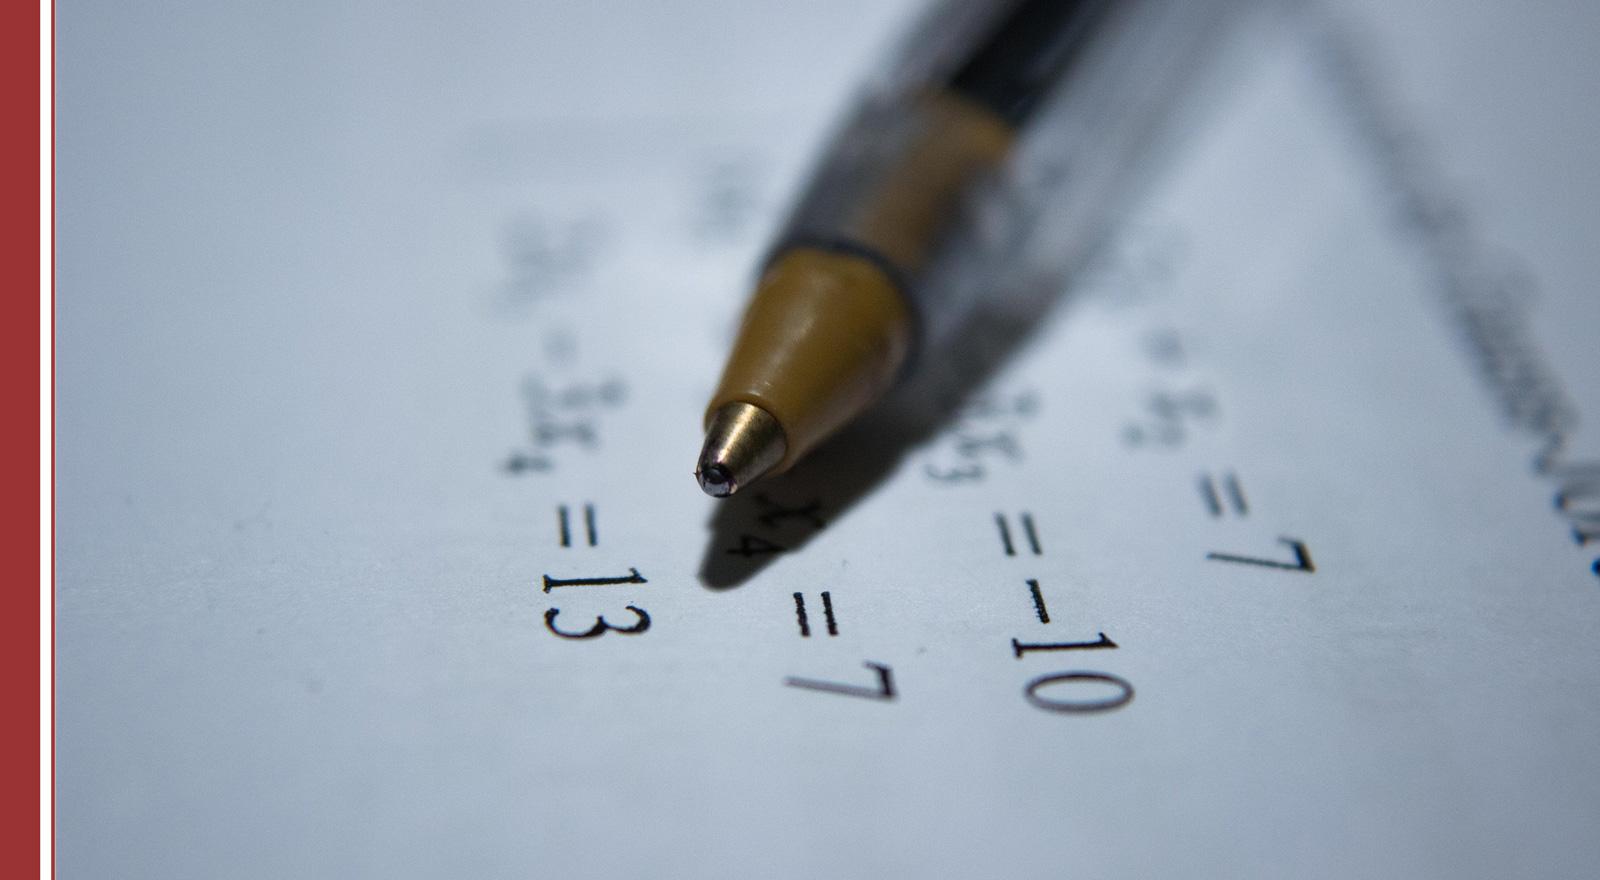 matematicas-financieras-funciones Matemáticas financieras: ¿cuáles son las funciones más utilizadas?